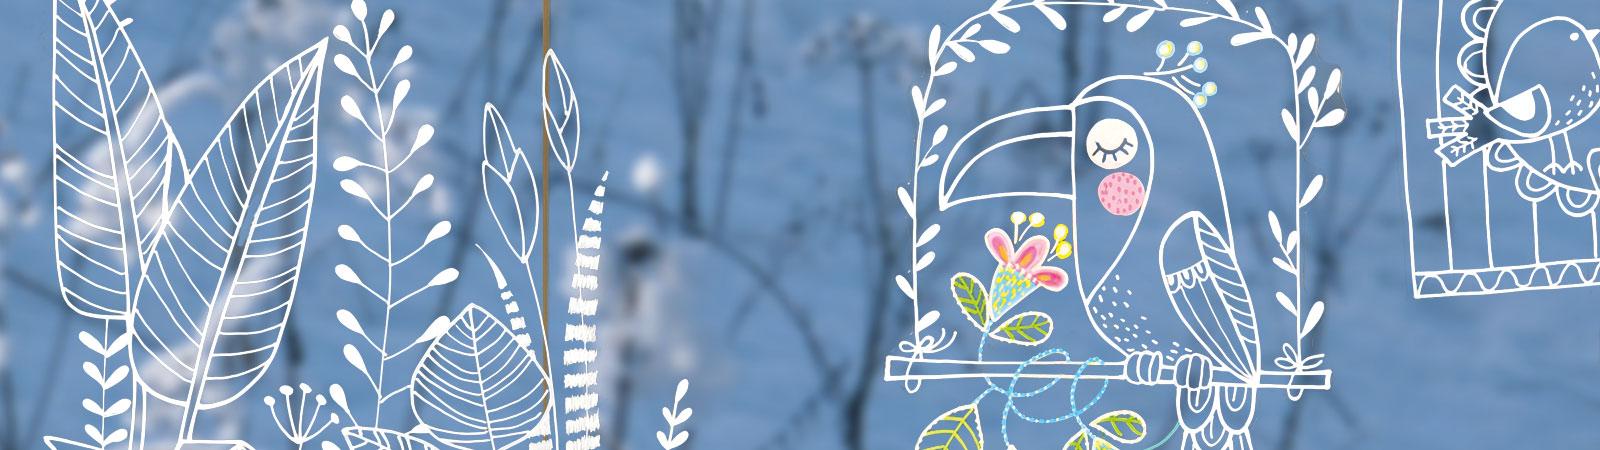 malvorlagen weihnachten kostenlos sterne aus holz sagen